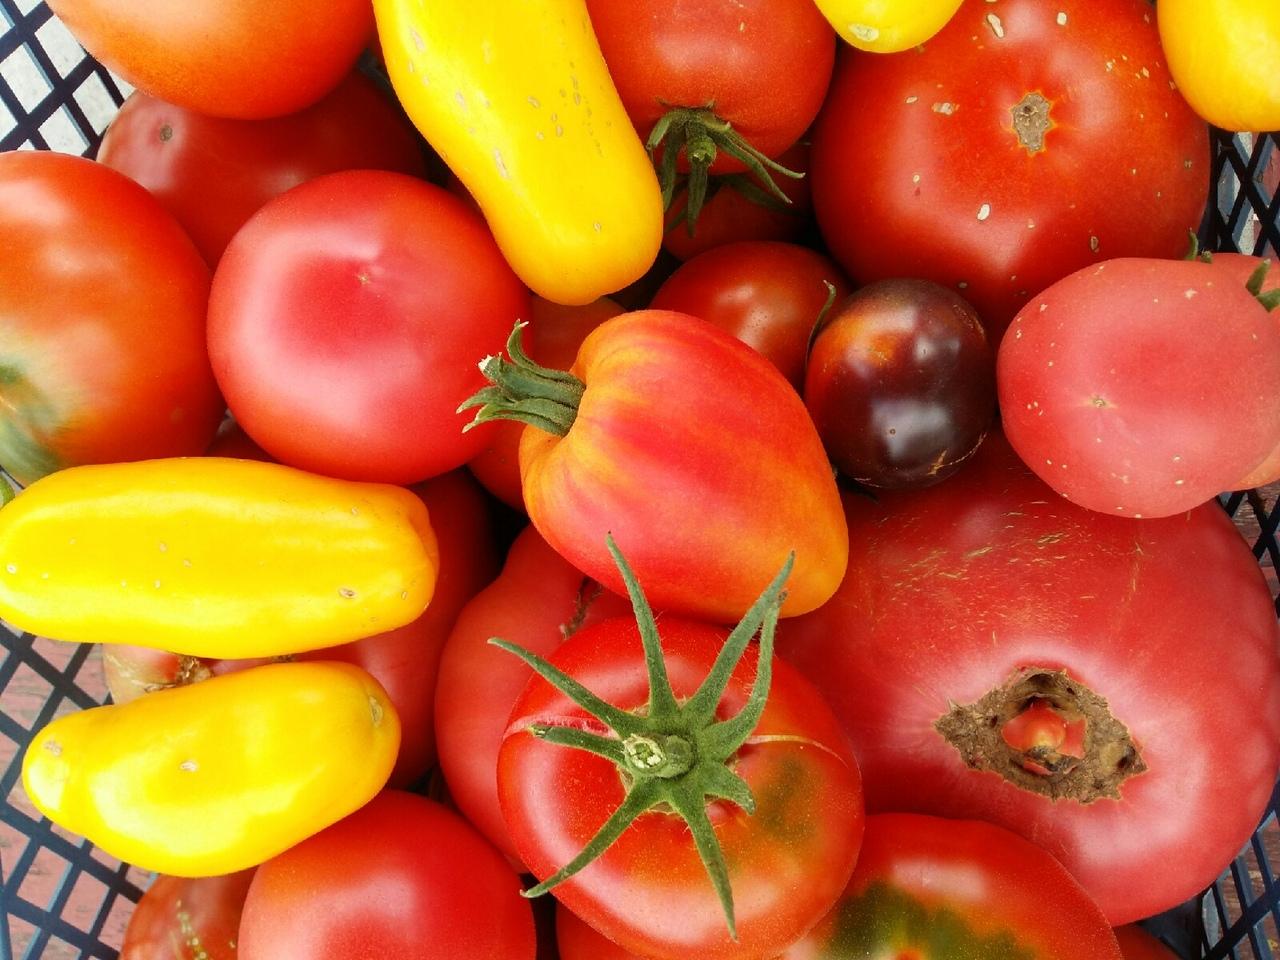 Огородный карантин  как вырастить съедобный урожай на балконе и участке  2